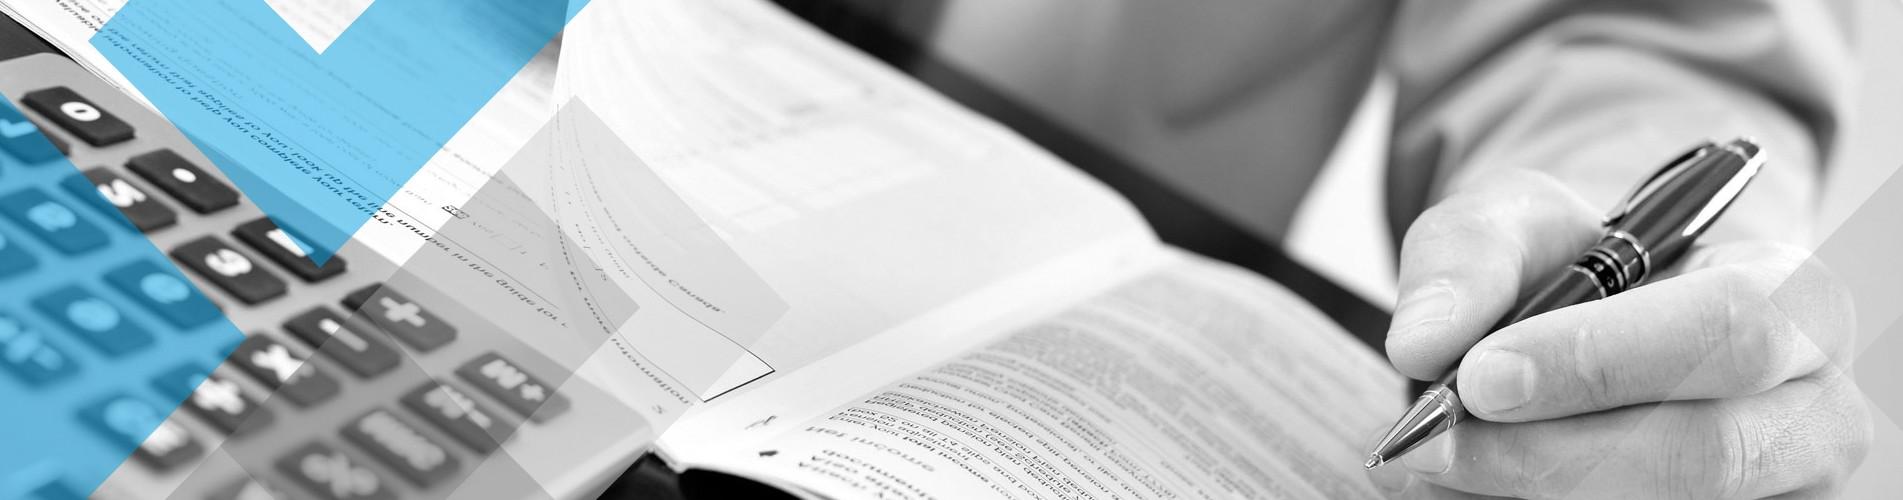 Vestjens Belastingadviseurs & Administratieve dienstverlening